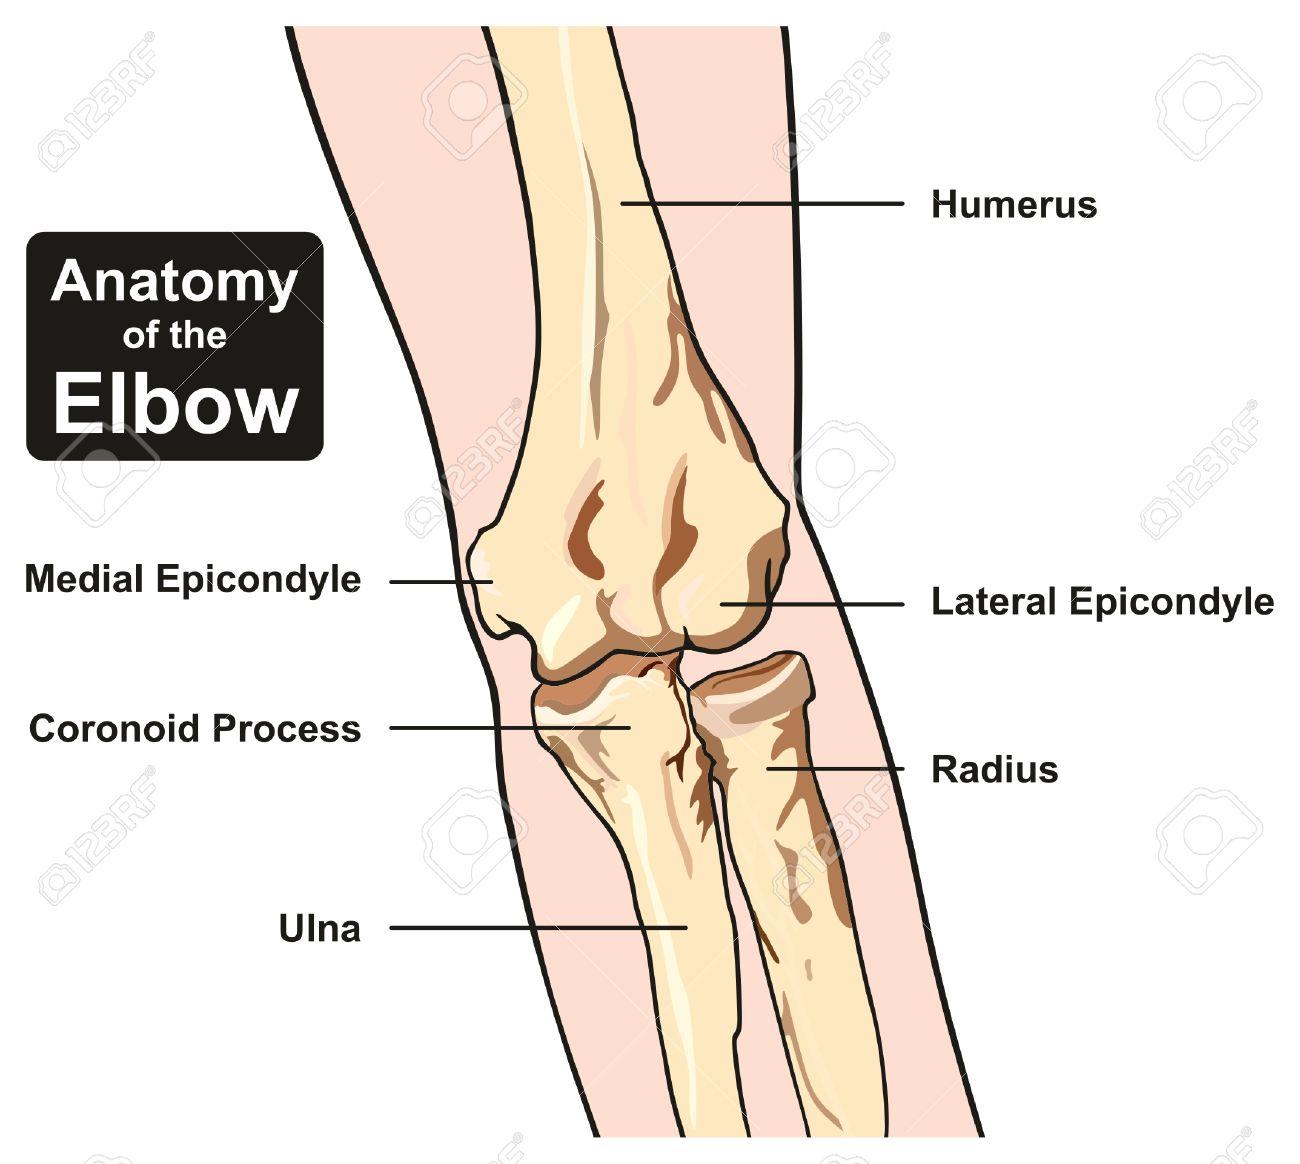 Anatomie Des Ellenbogen-Joint-Diagramms Einschließlich Aller Knochen ...